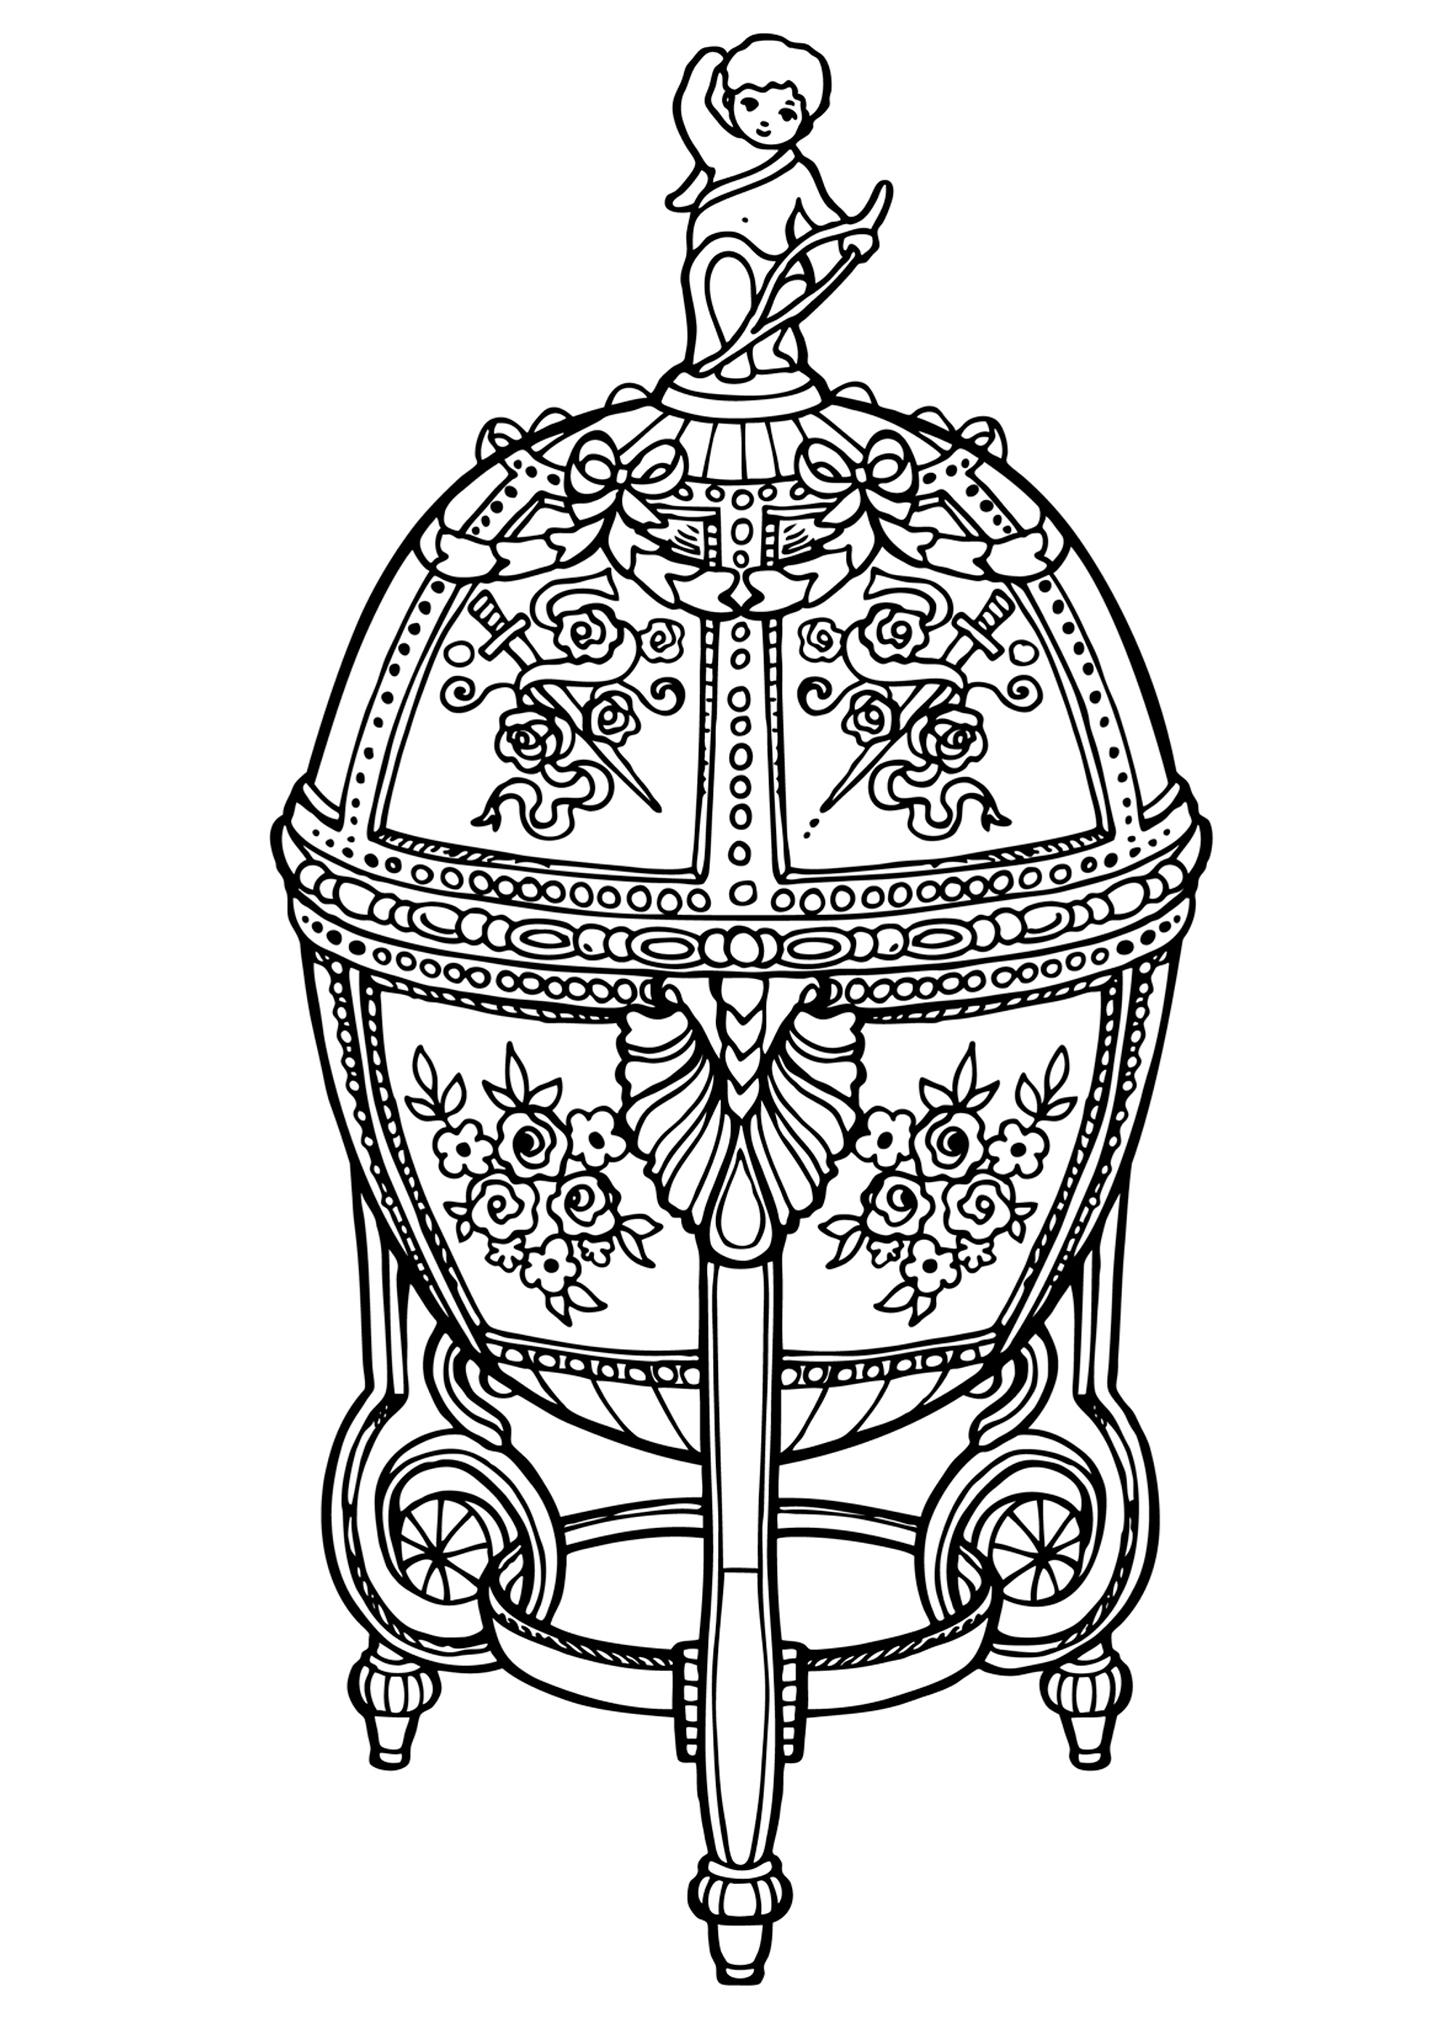 Раскраска Яйцо Фаберже распечатать или скачать бесплатно